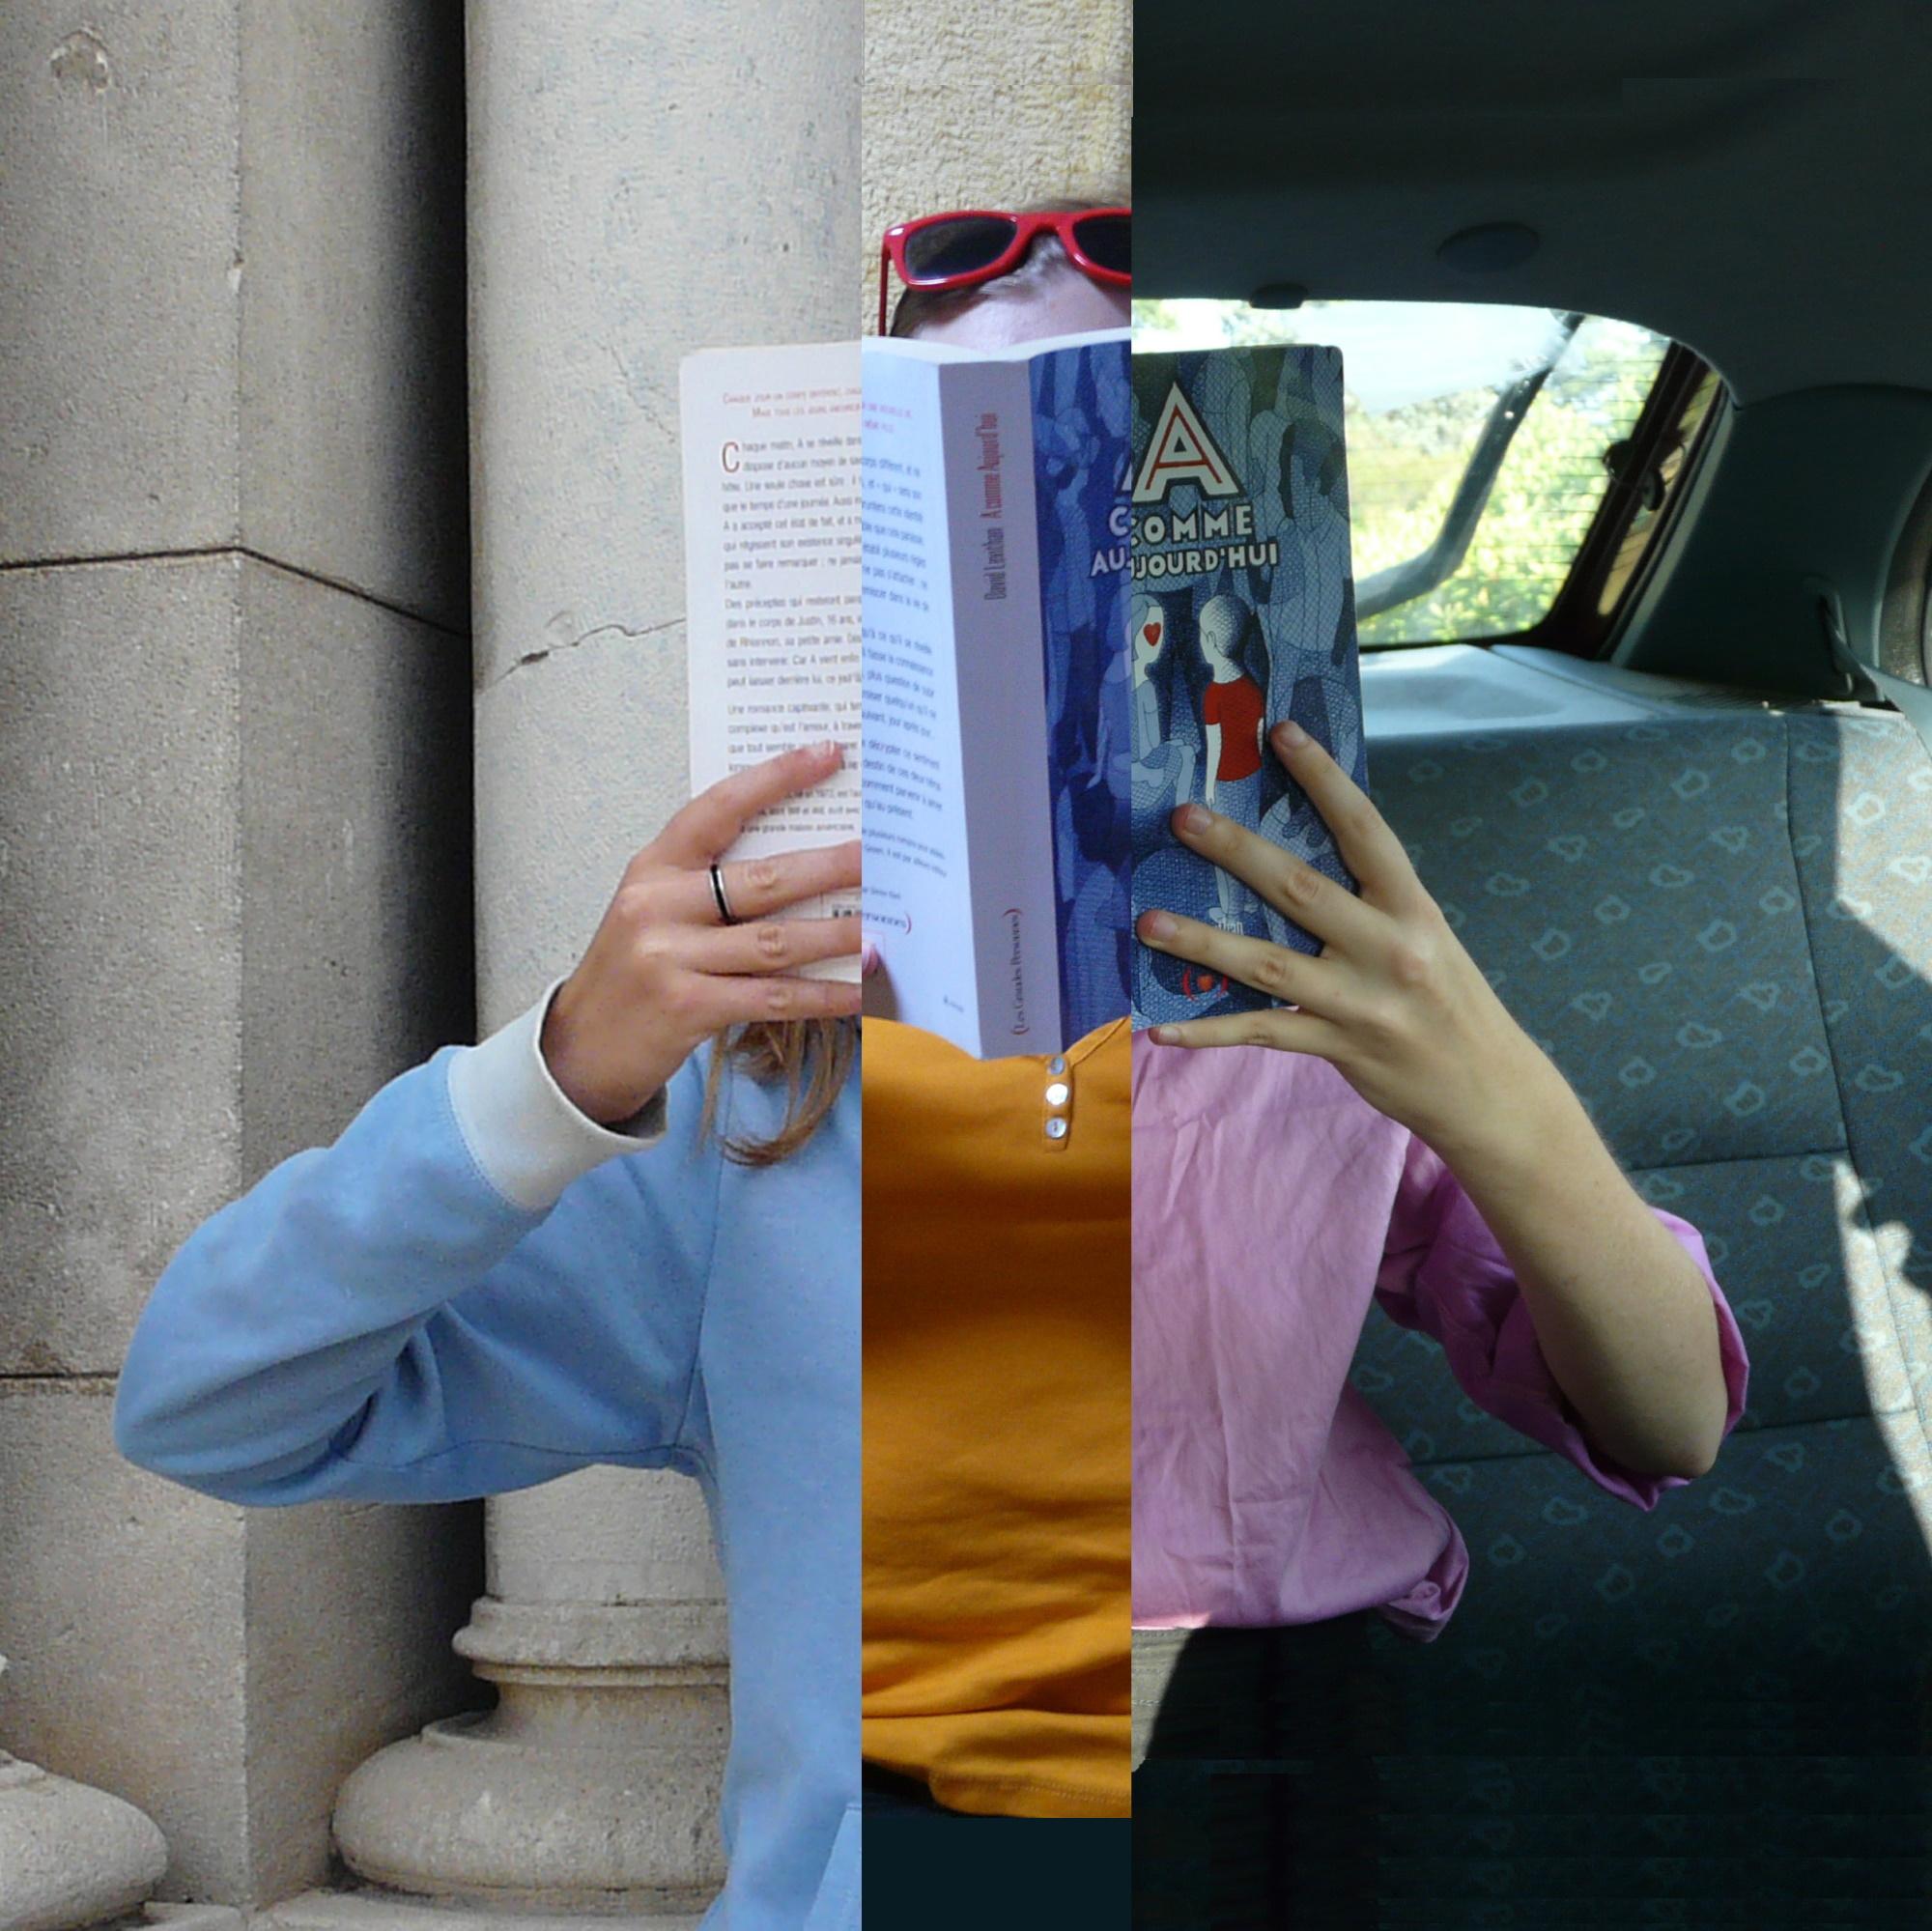 photo d'une personne en train de lire A comme Aujourd'hui de David Levithan, en trois parties : à gauche elle est en pull bleu devant une église, au milieu elle est en débardeur jaune allongée sur une serviette jaune, à droite elle est en chemise rose dans une voiture